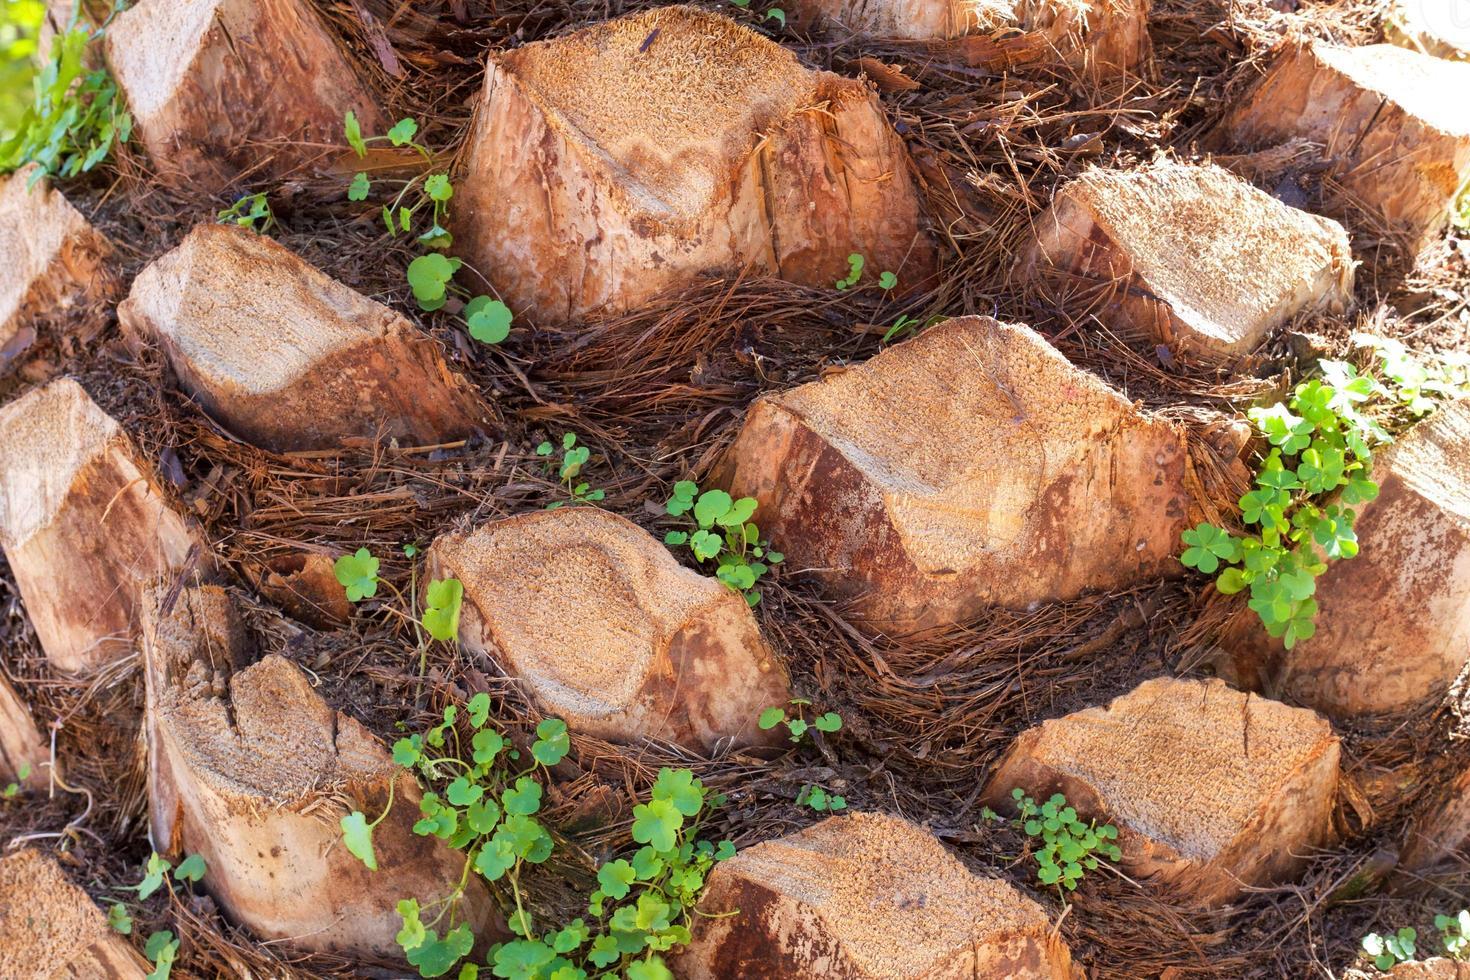 palmeira close-up. foto